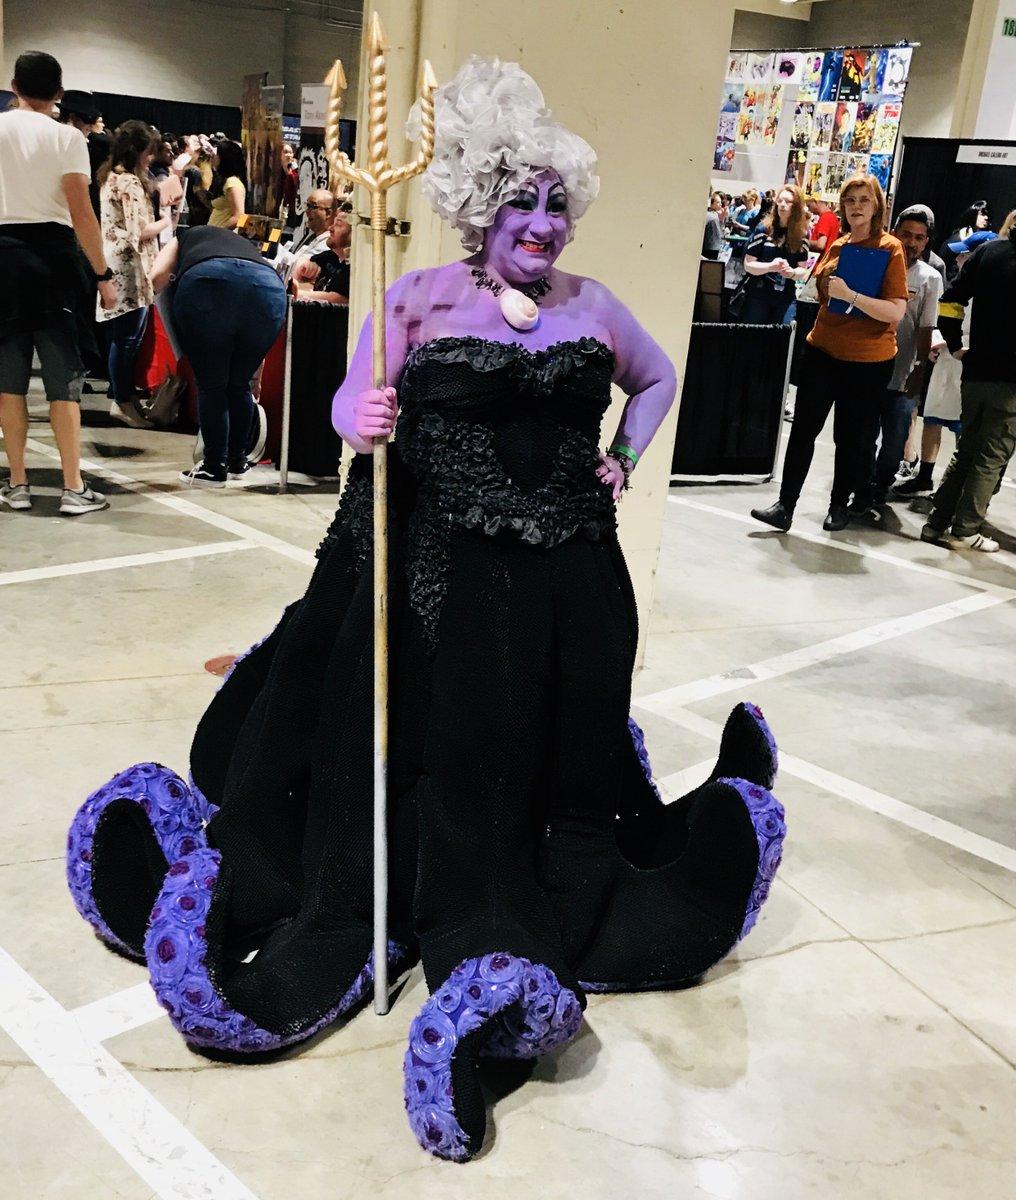 We found Ursula at @acecomiccon! #FunkoAceComicCon 🐙